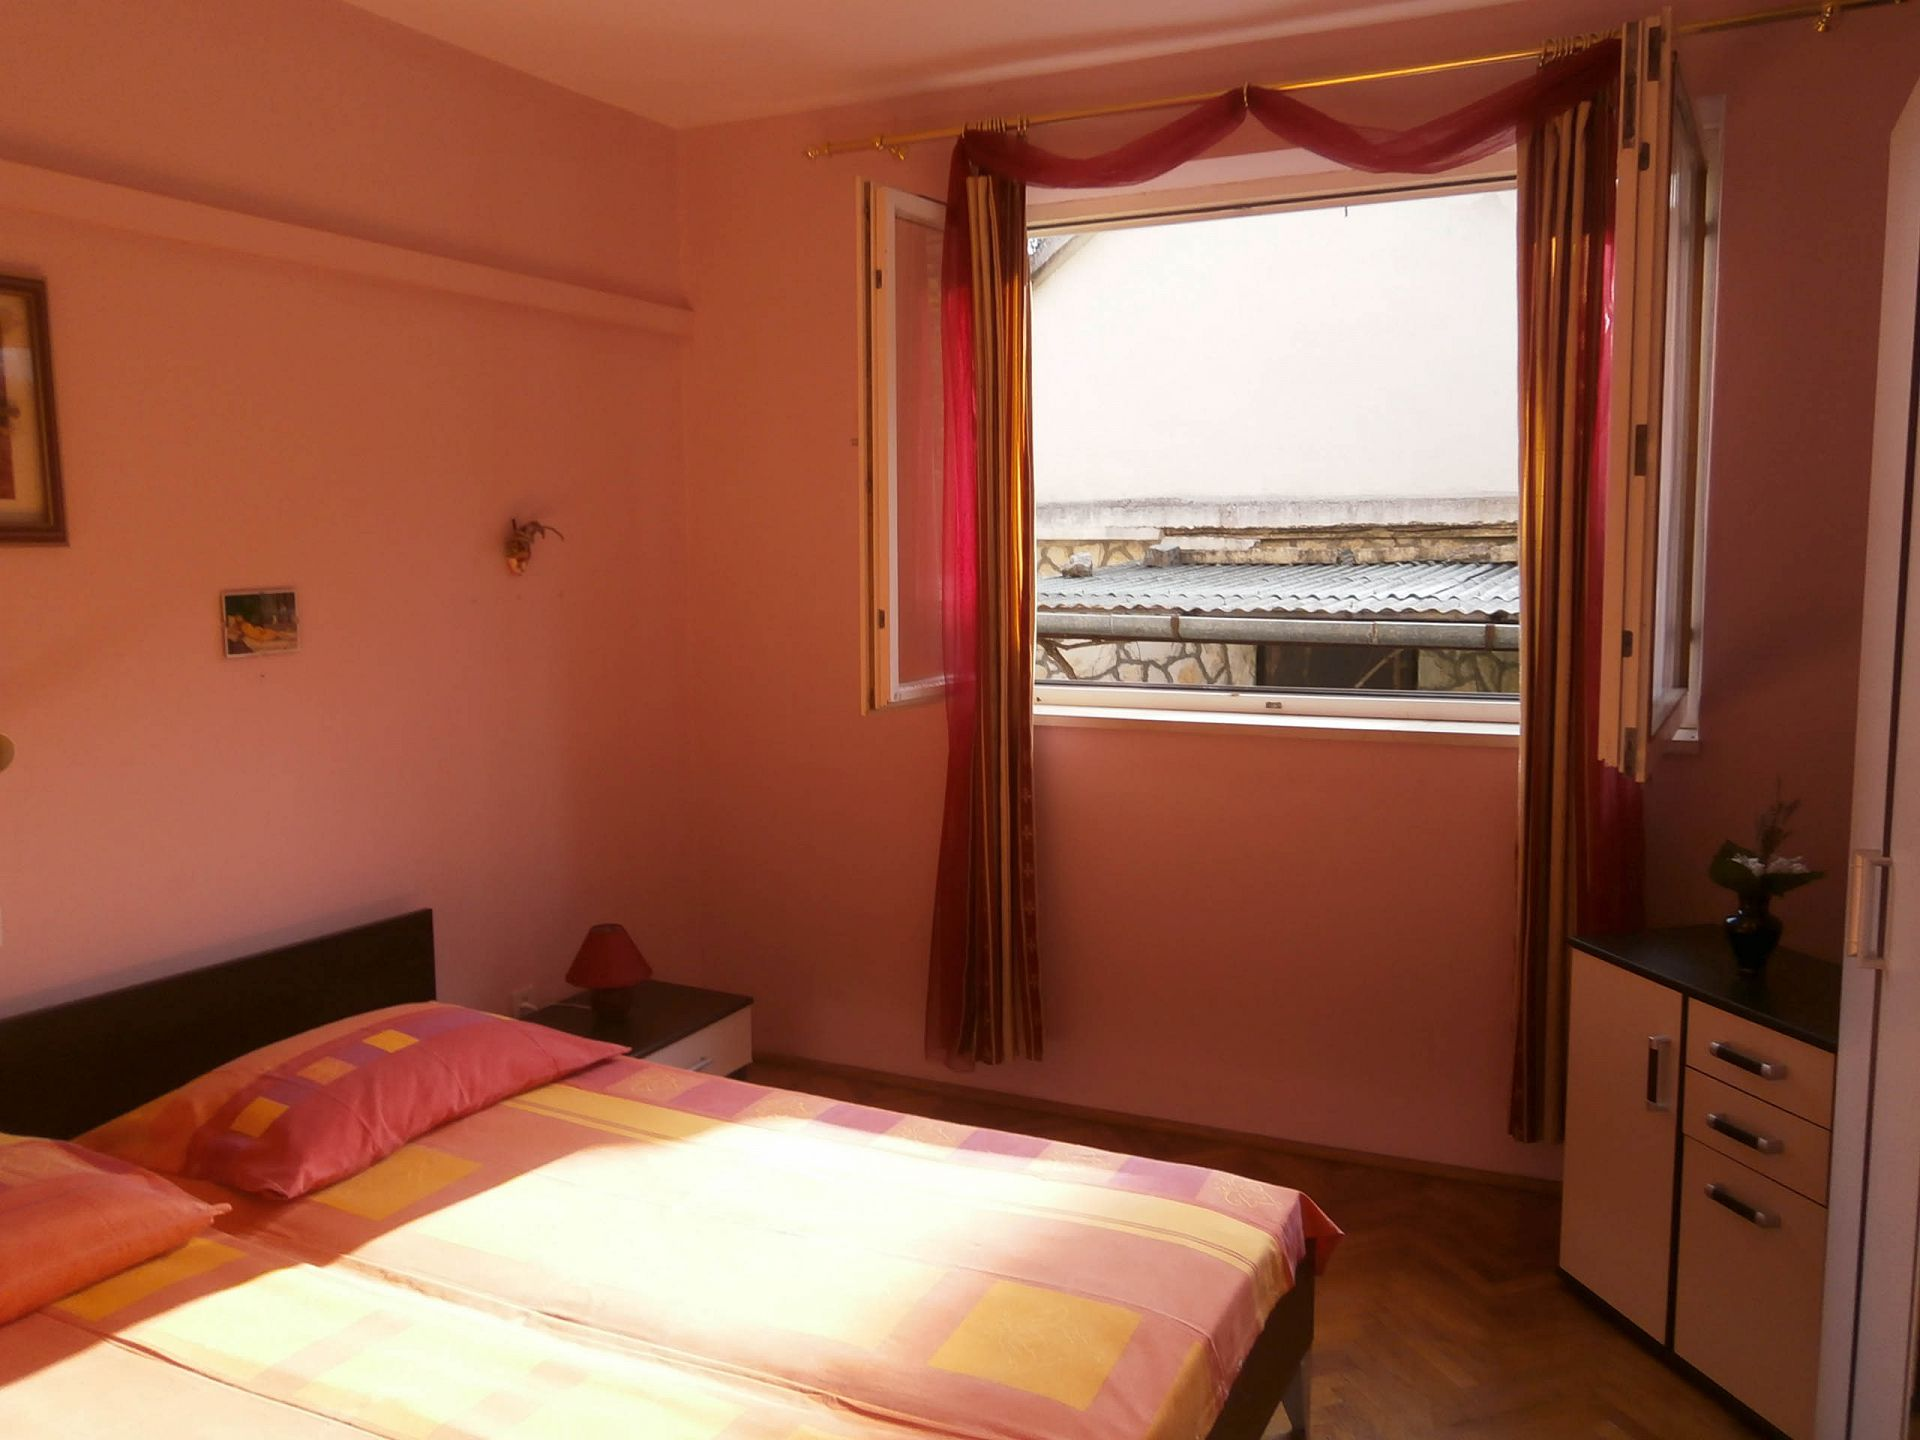 4981  - Jelsa - Appartementen Kroatië - A2(2+2): slaapkamer